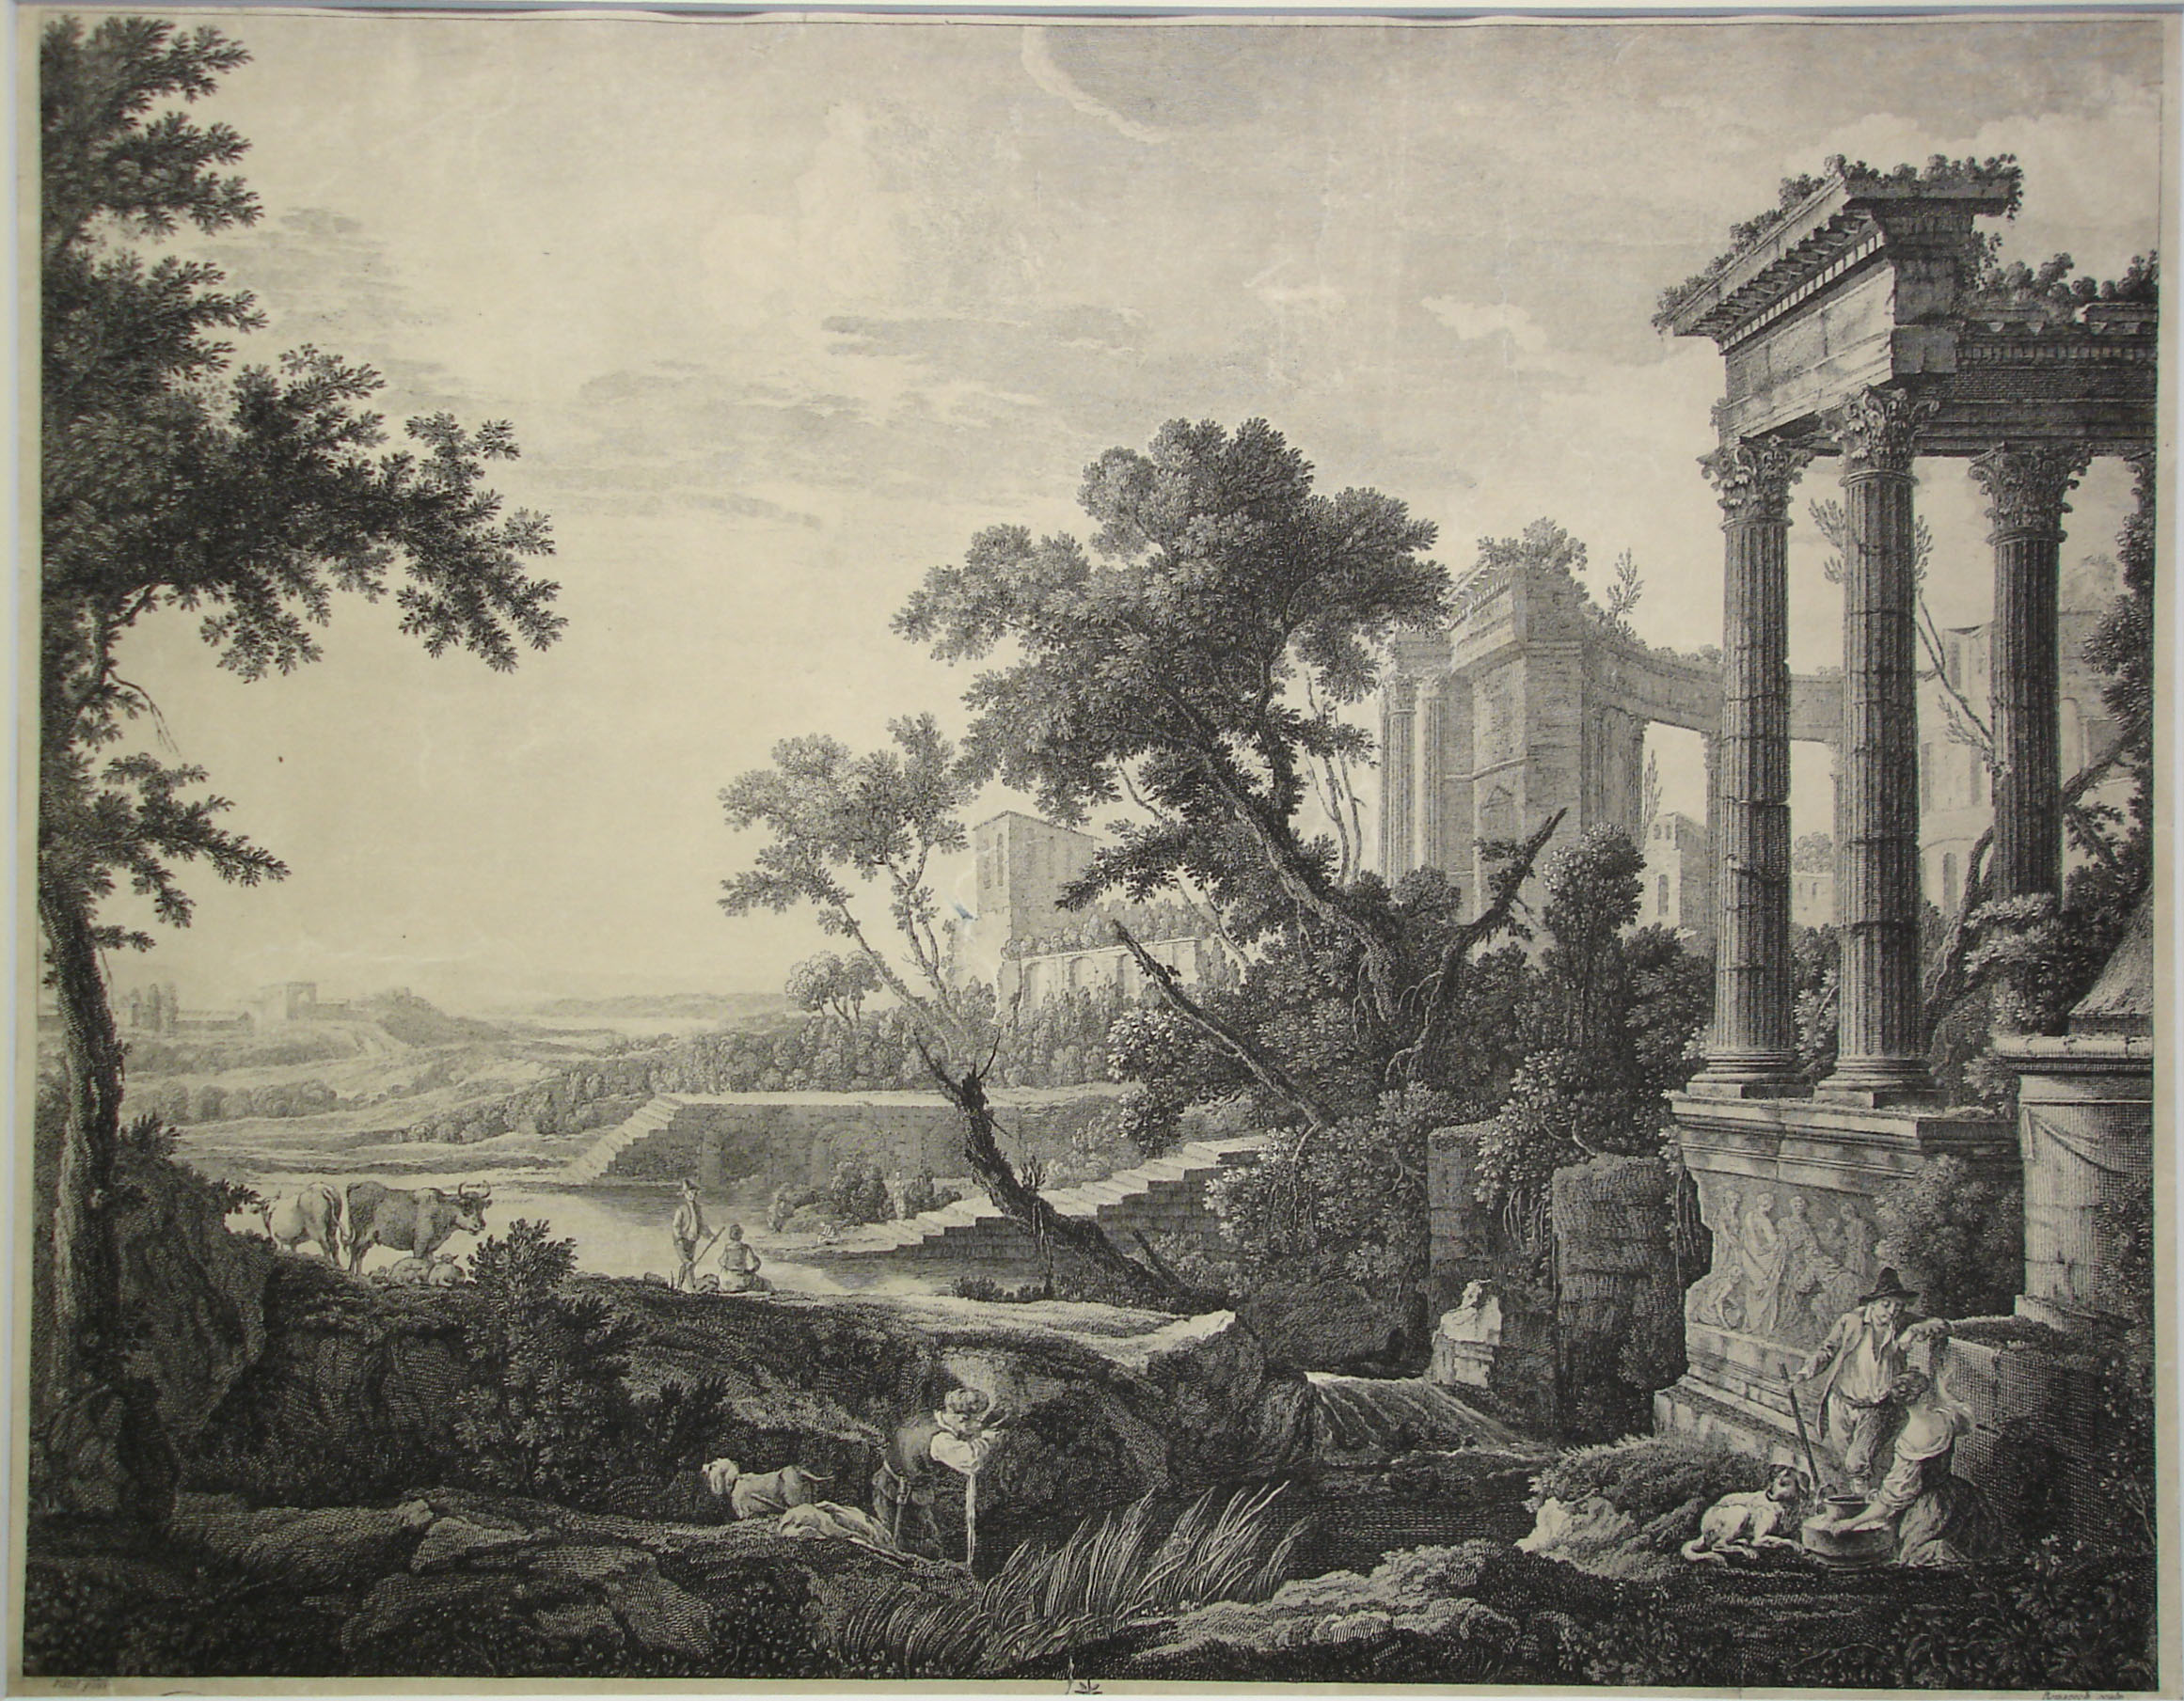 Grabado del siglo XVIII de una escena con ruinas romanas